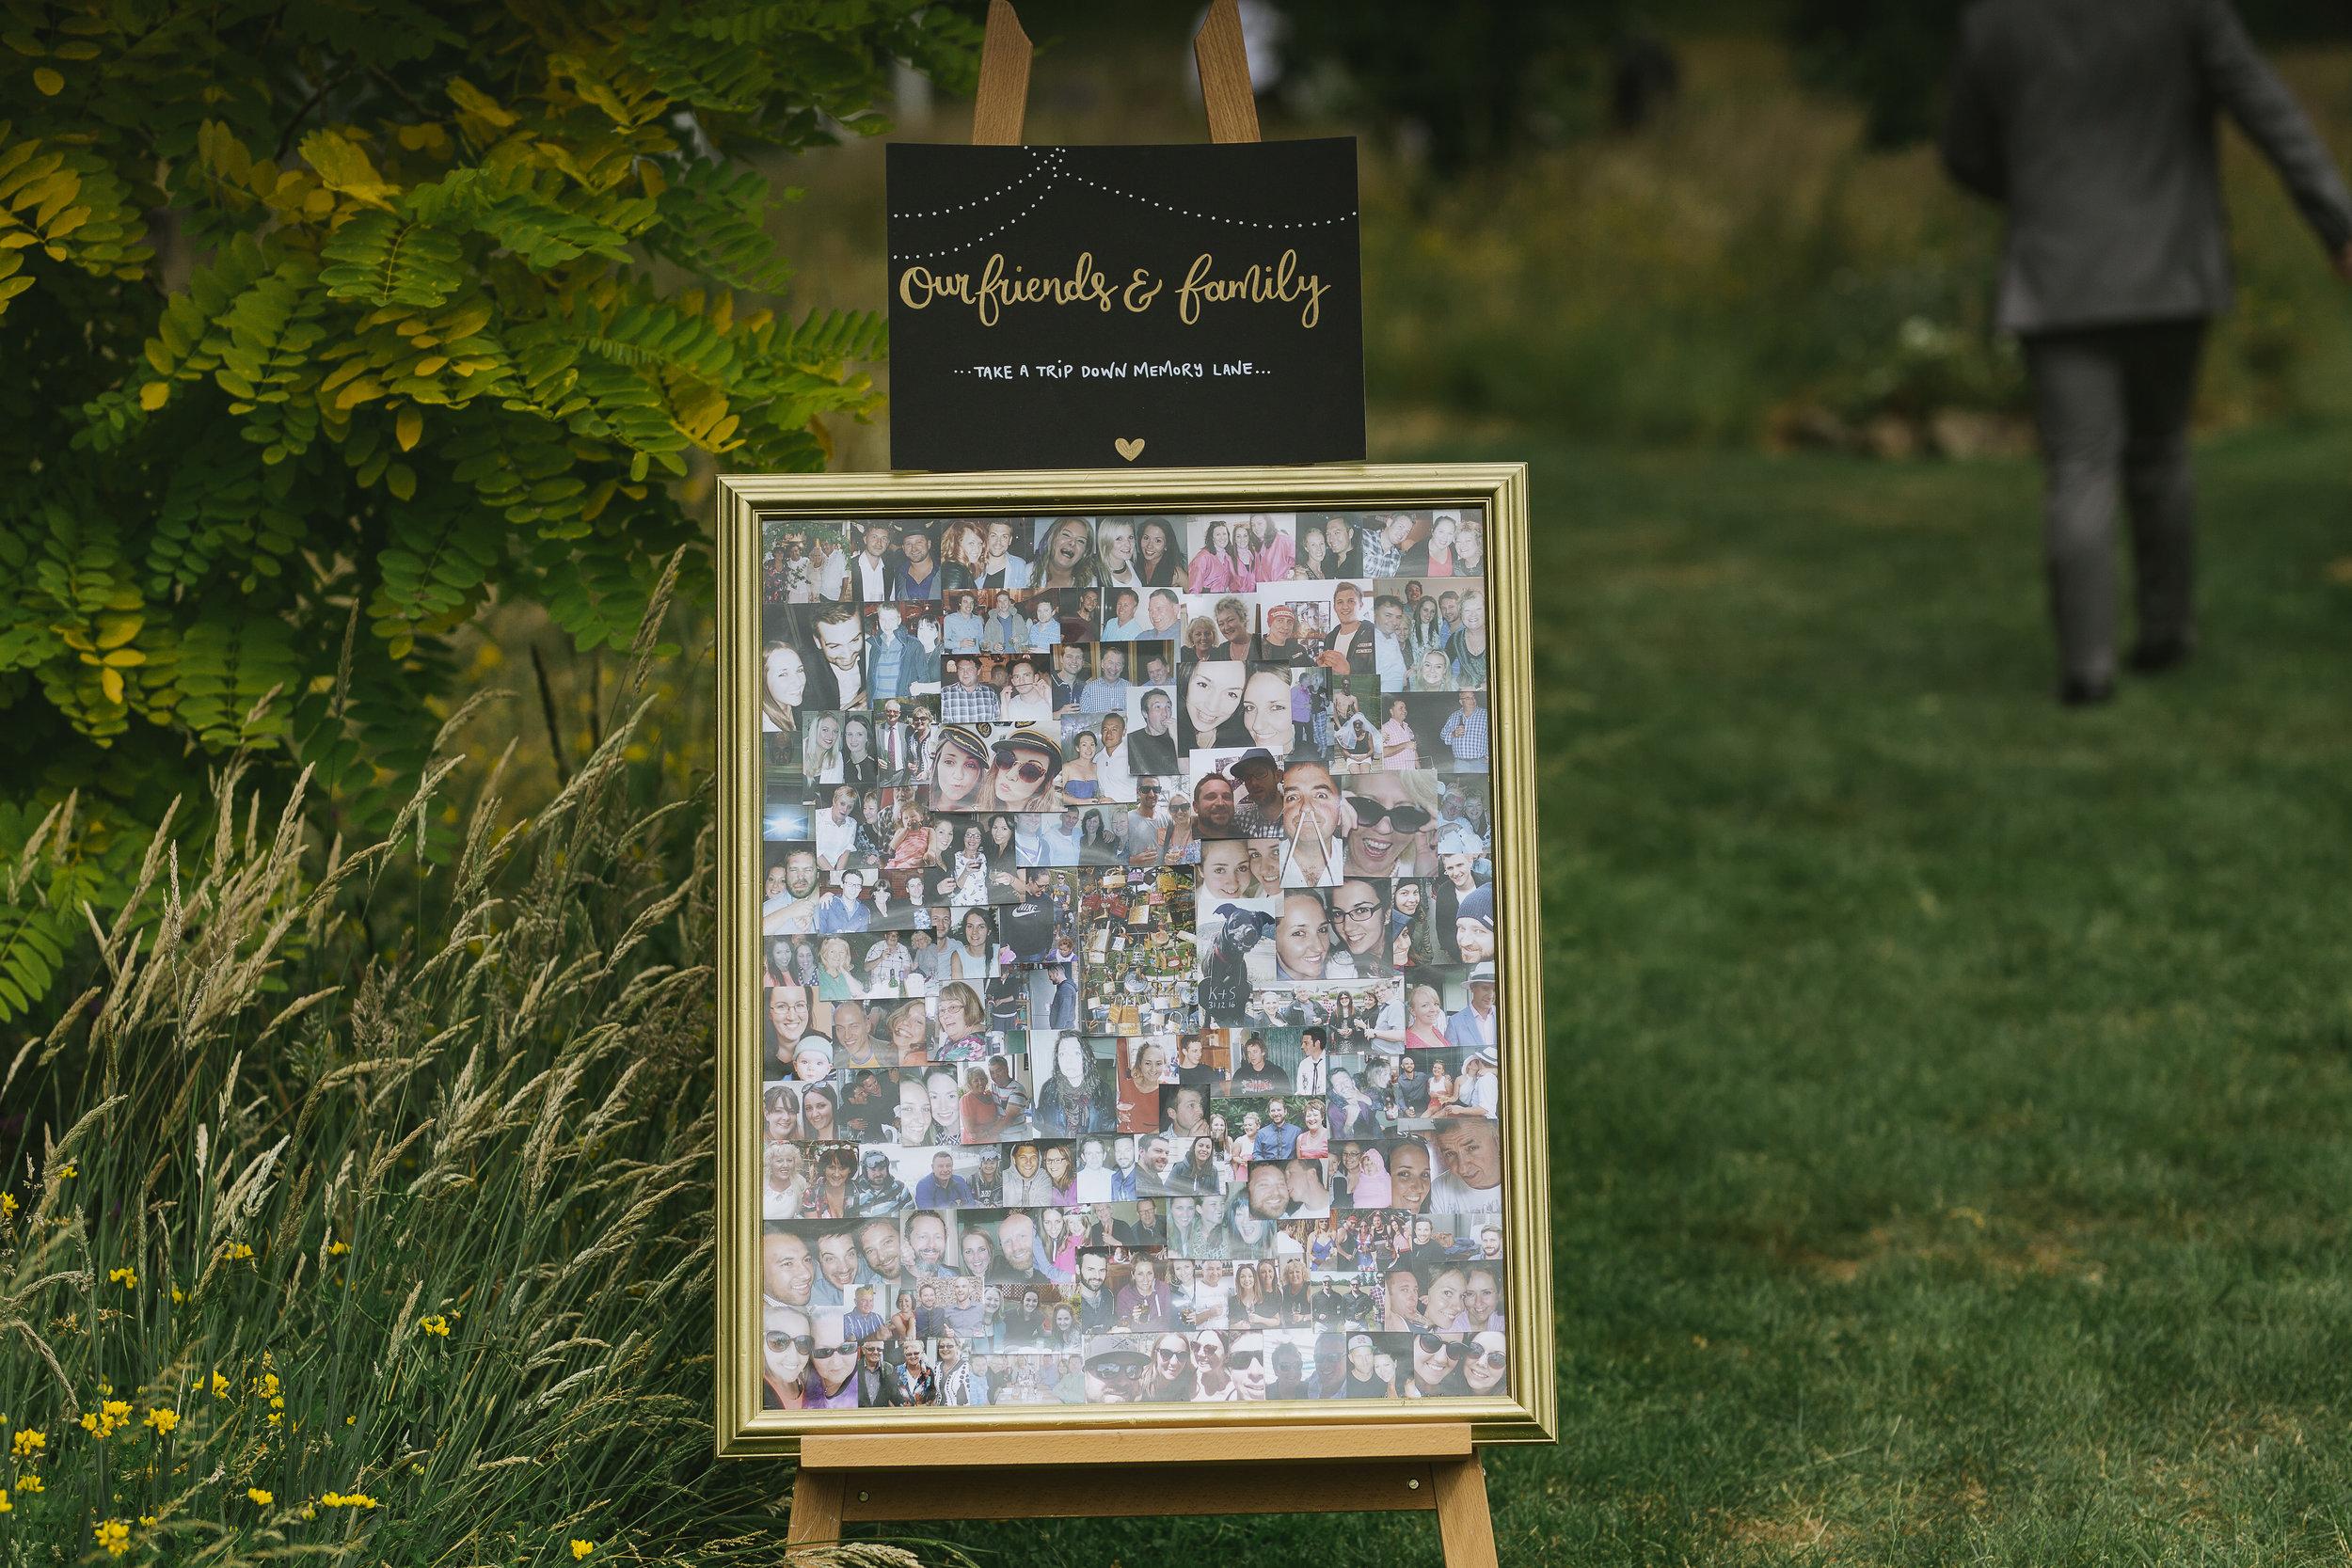 Friends & Family Chalkboard Sign